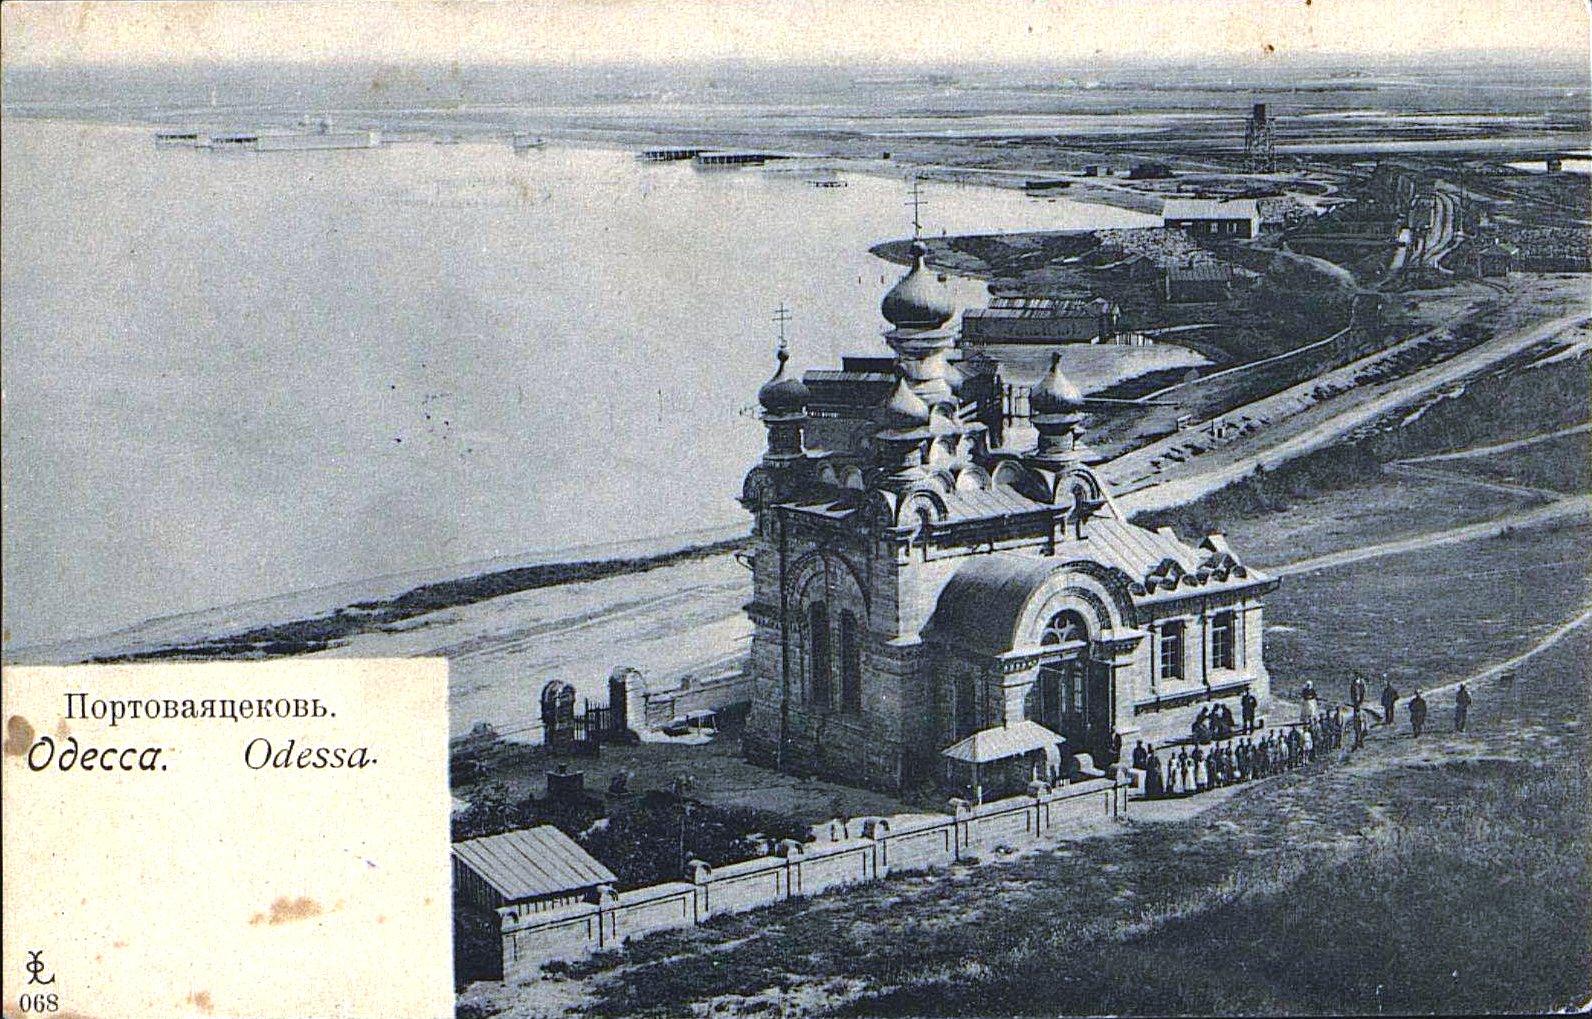 Портовая церковь